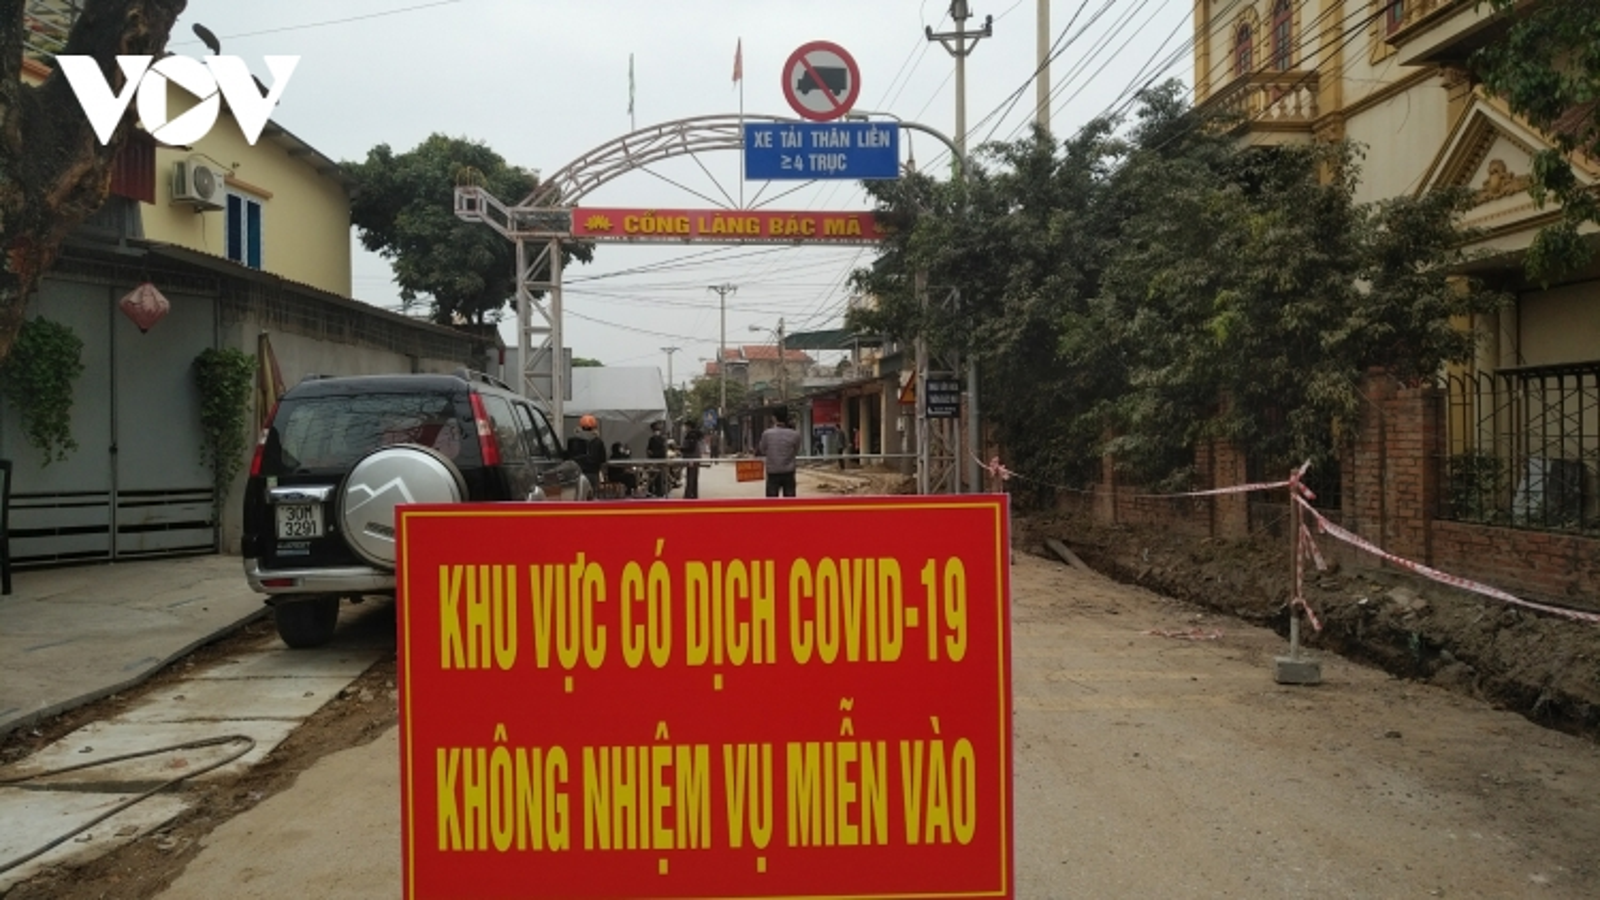 Quảng Ninh phong tỏa xã Bình Dương (Thị xã Đông Triều) từ 12h trưa nay